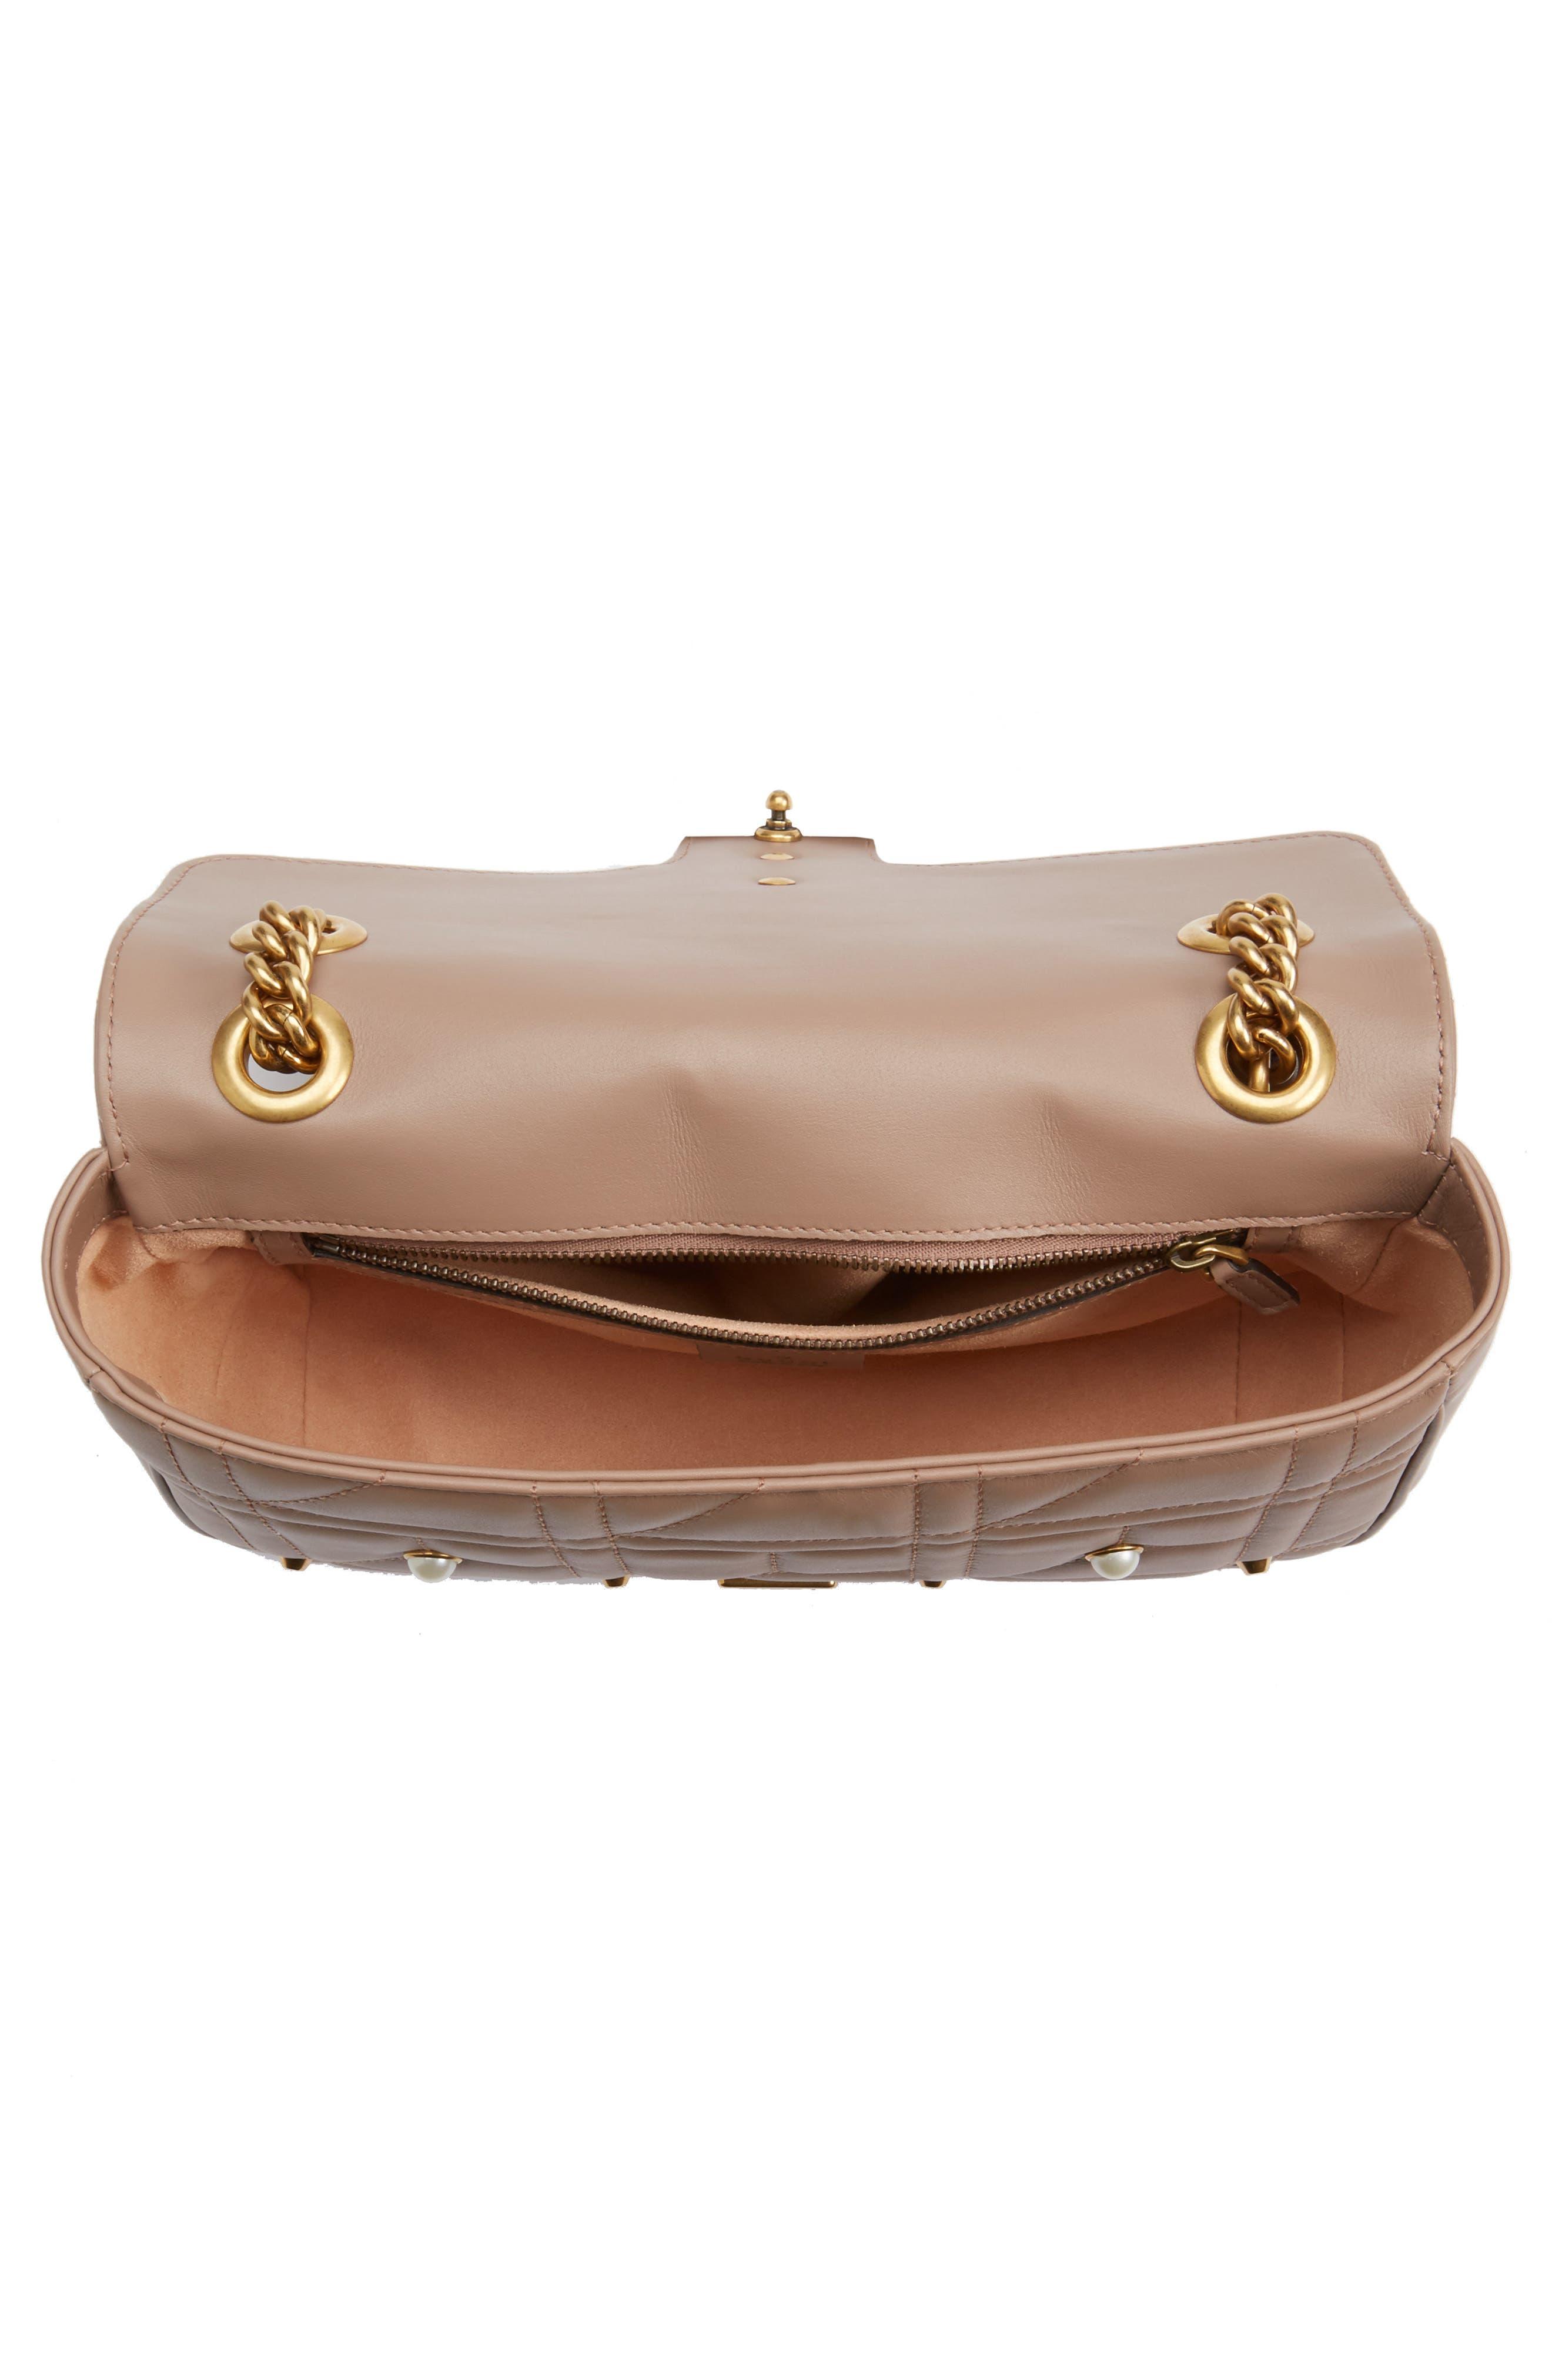 GG Marmont Matelassé Imitation Pearl Leather Shoulder Bag,                             Alternate thumbnail 8, color,